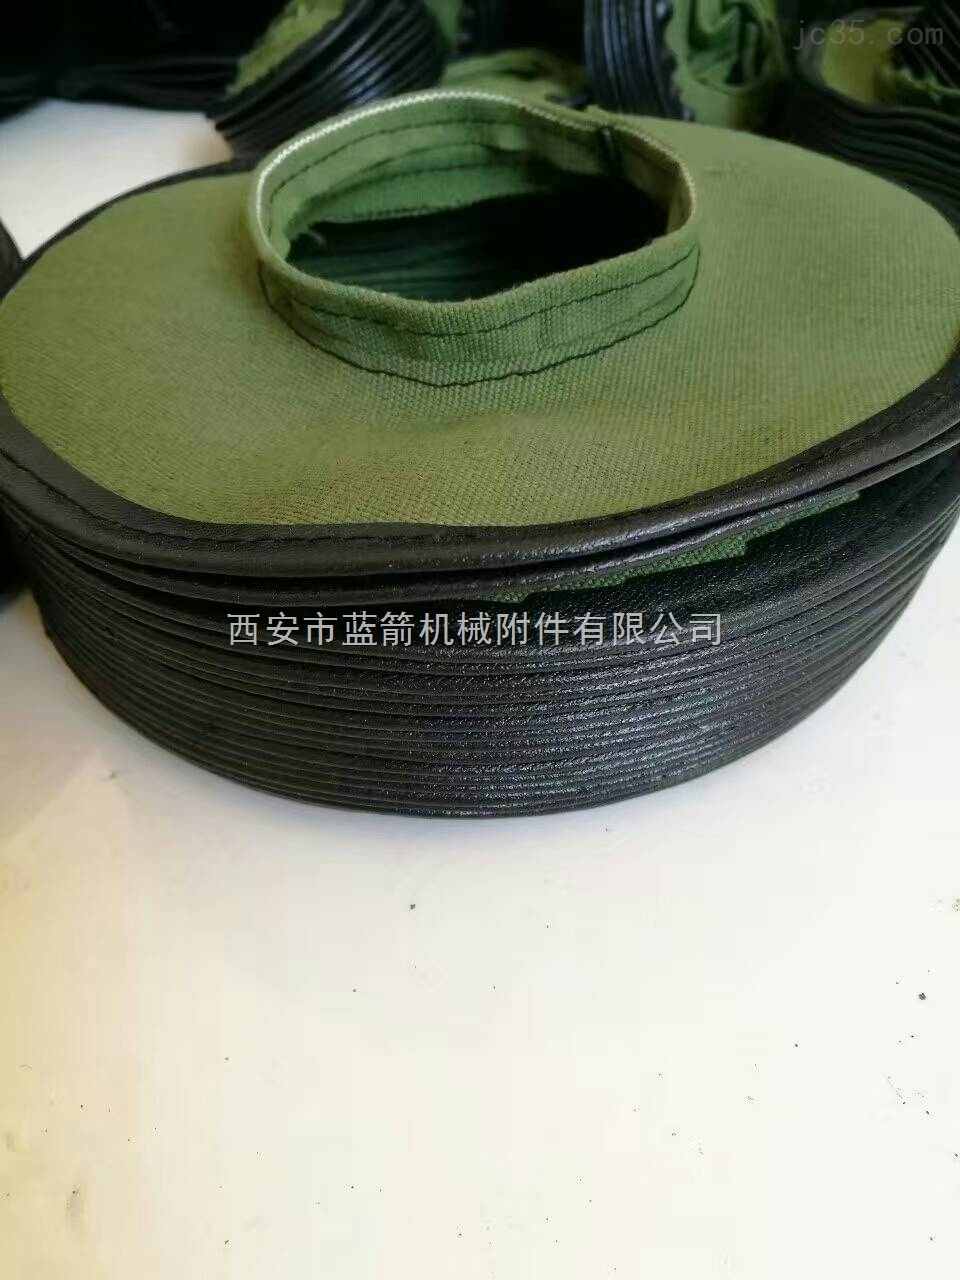 缝合式机床丝杠防尘罩